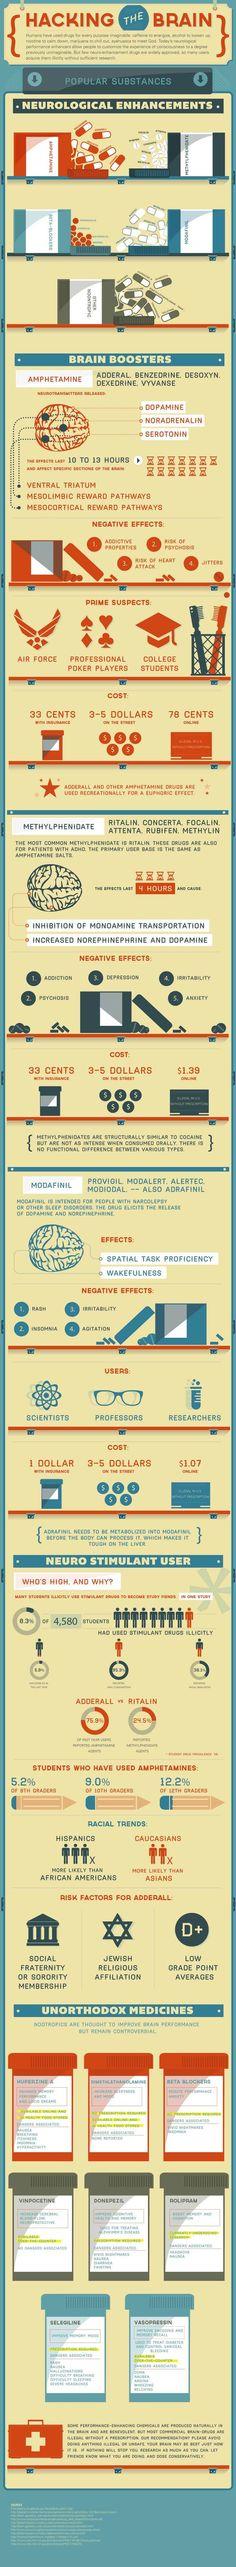 Brain hacking: infografica su come hackerare il cervello con farmaci per migliorarne le prestazioni